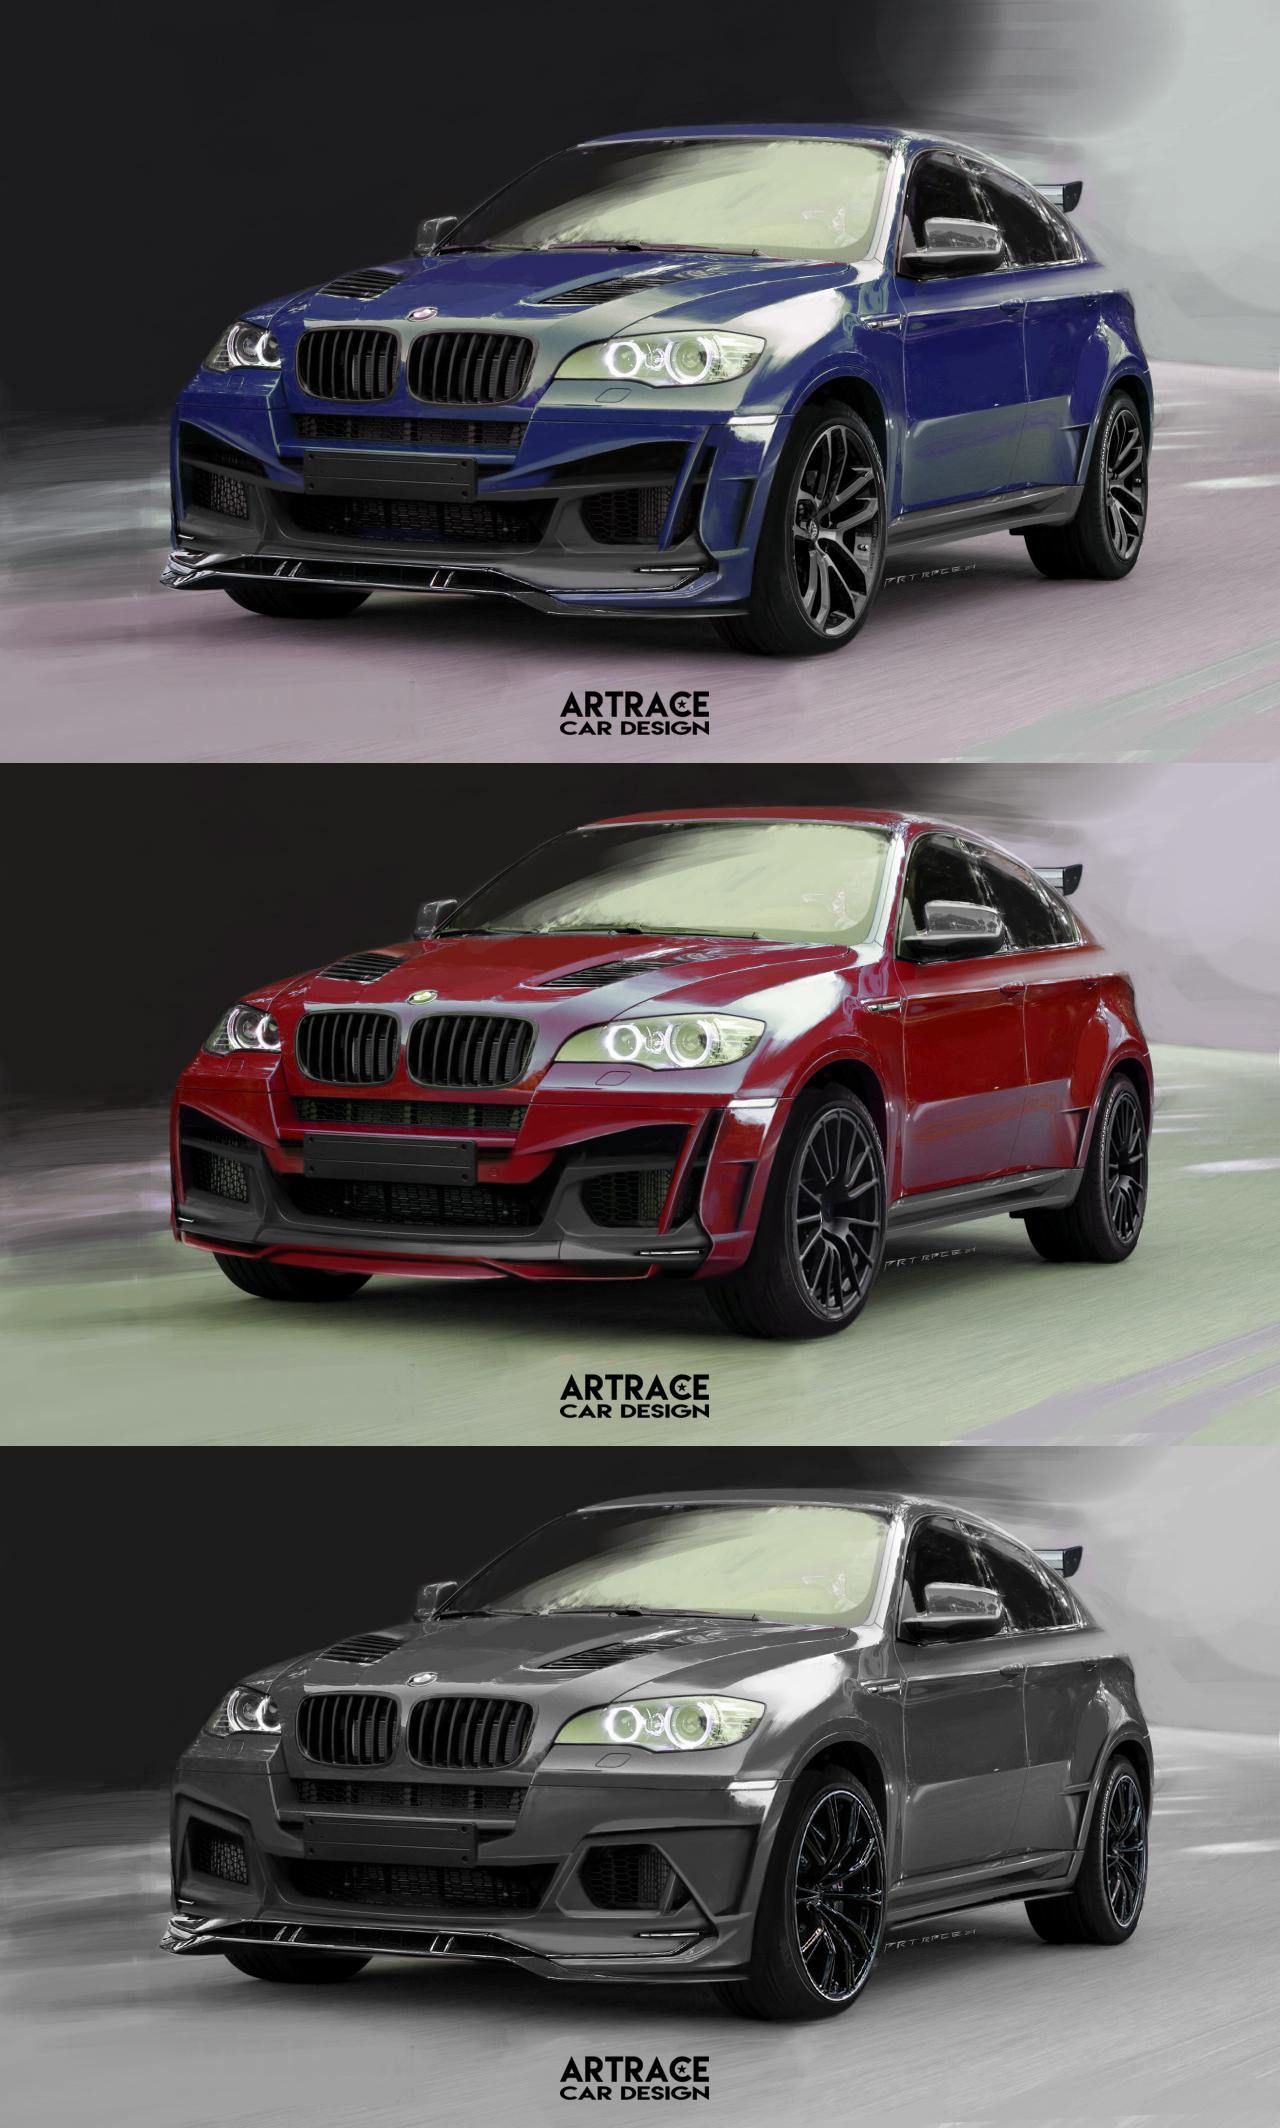 BMW X6 Artrace body-kit